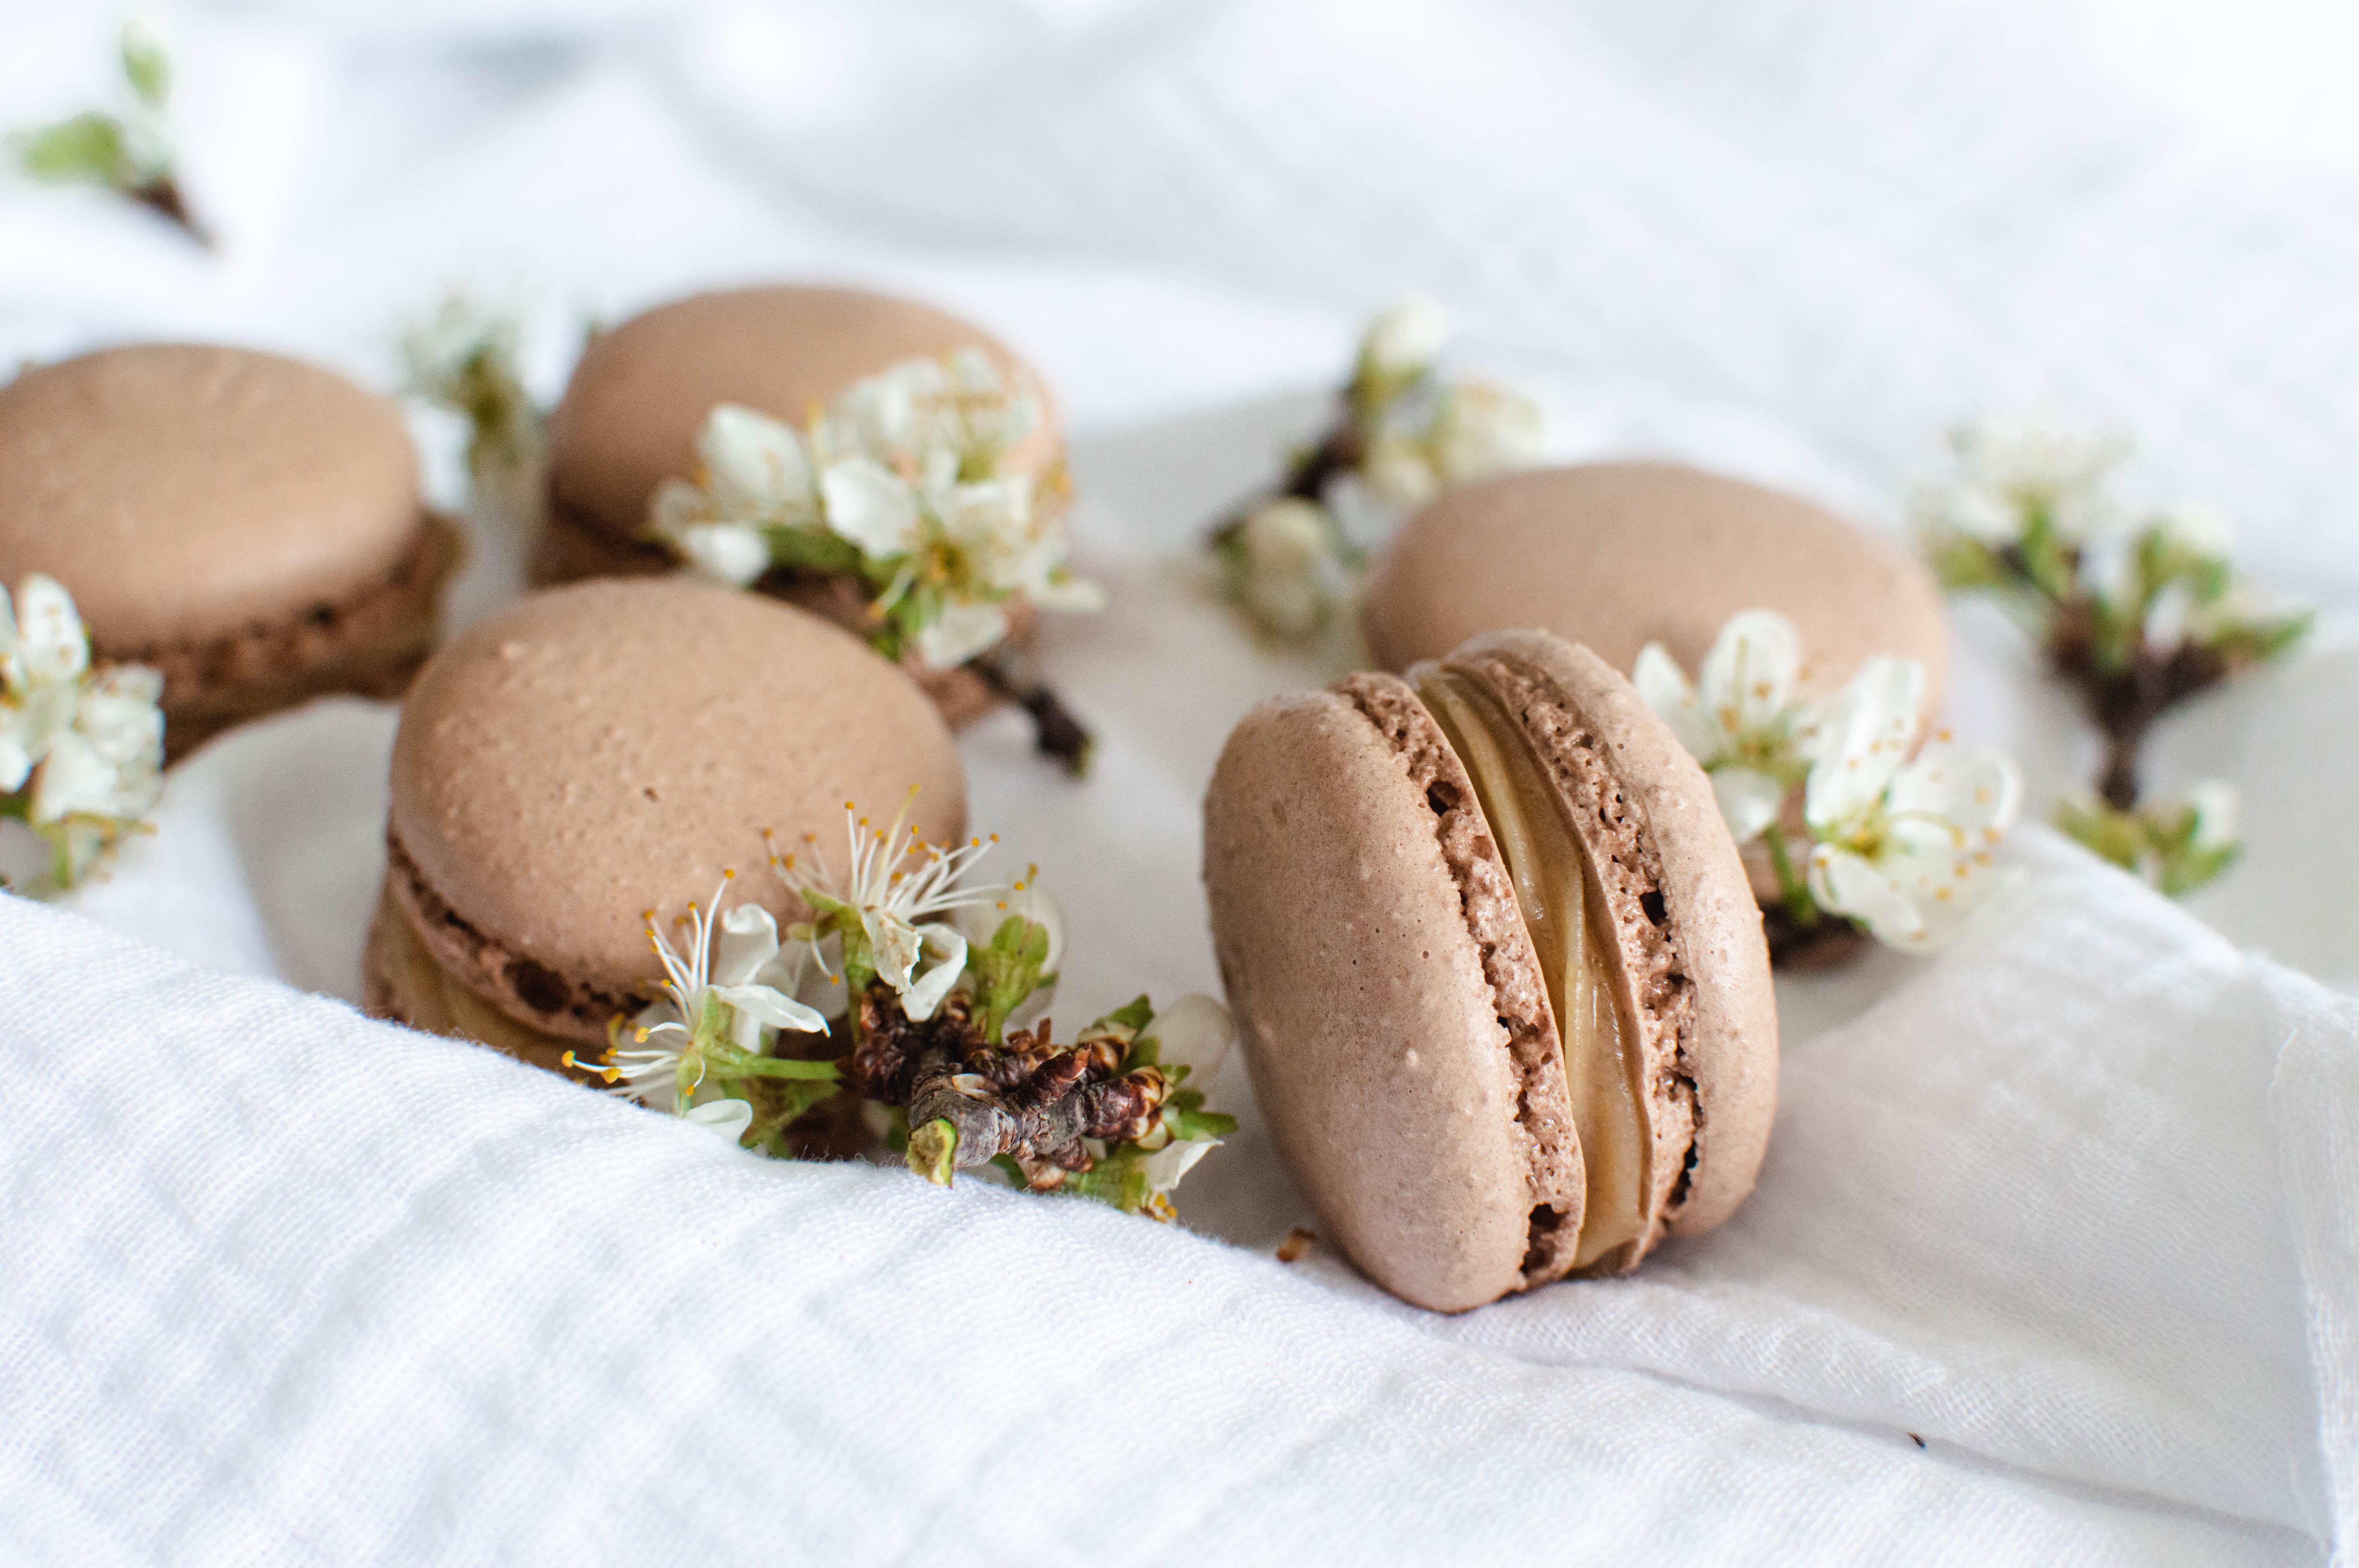 Coques de  macarons cacaotées